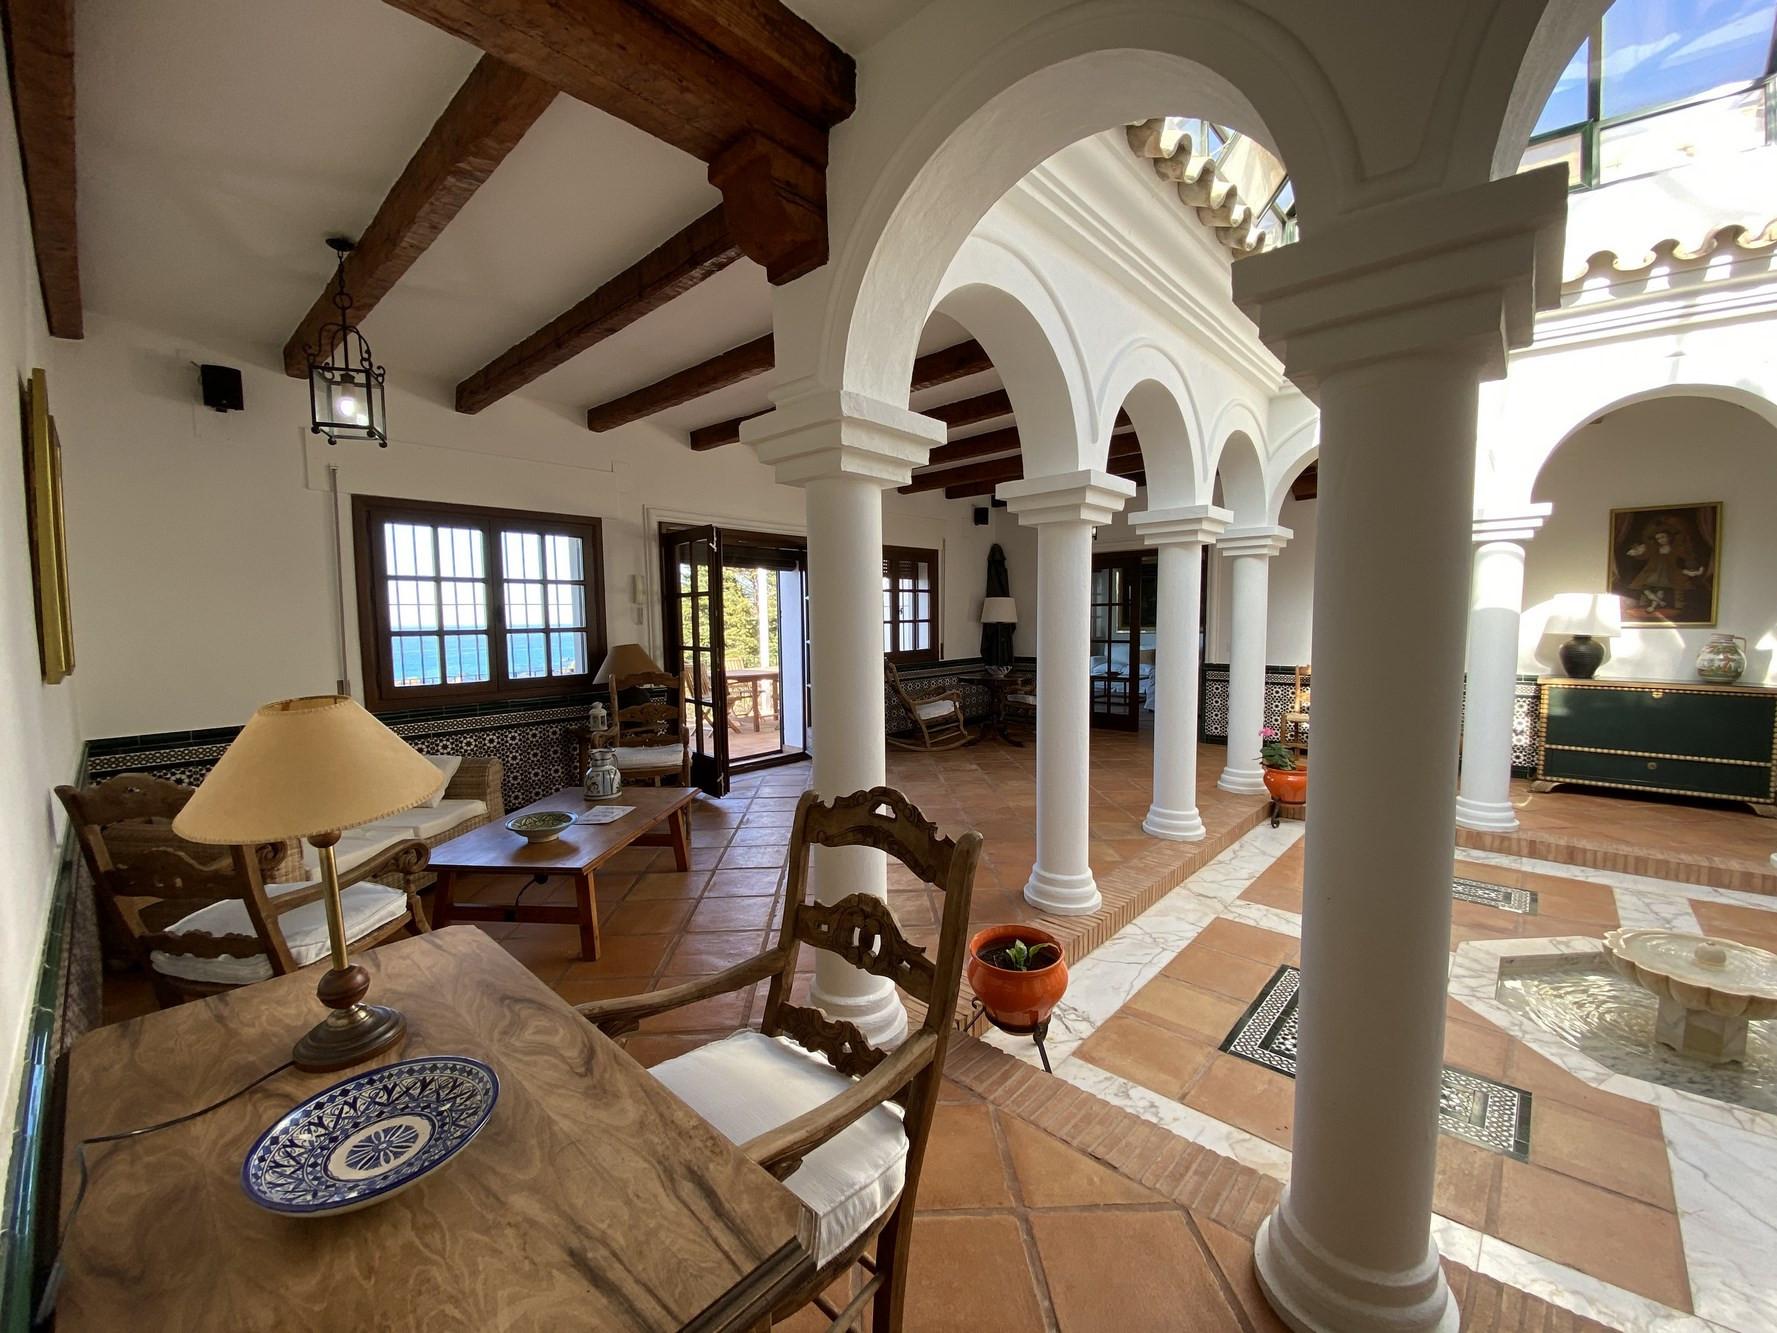 Al Amireh - Patio central